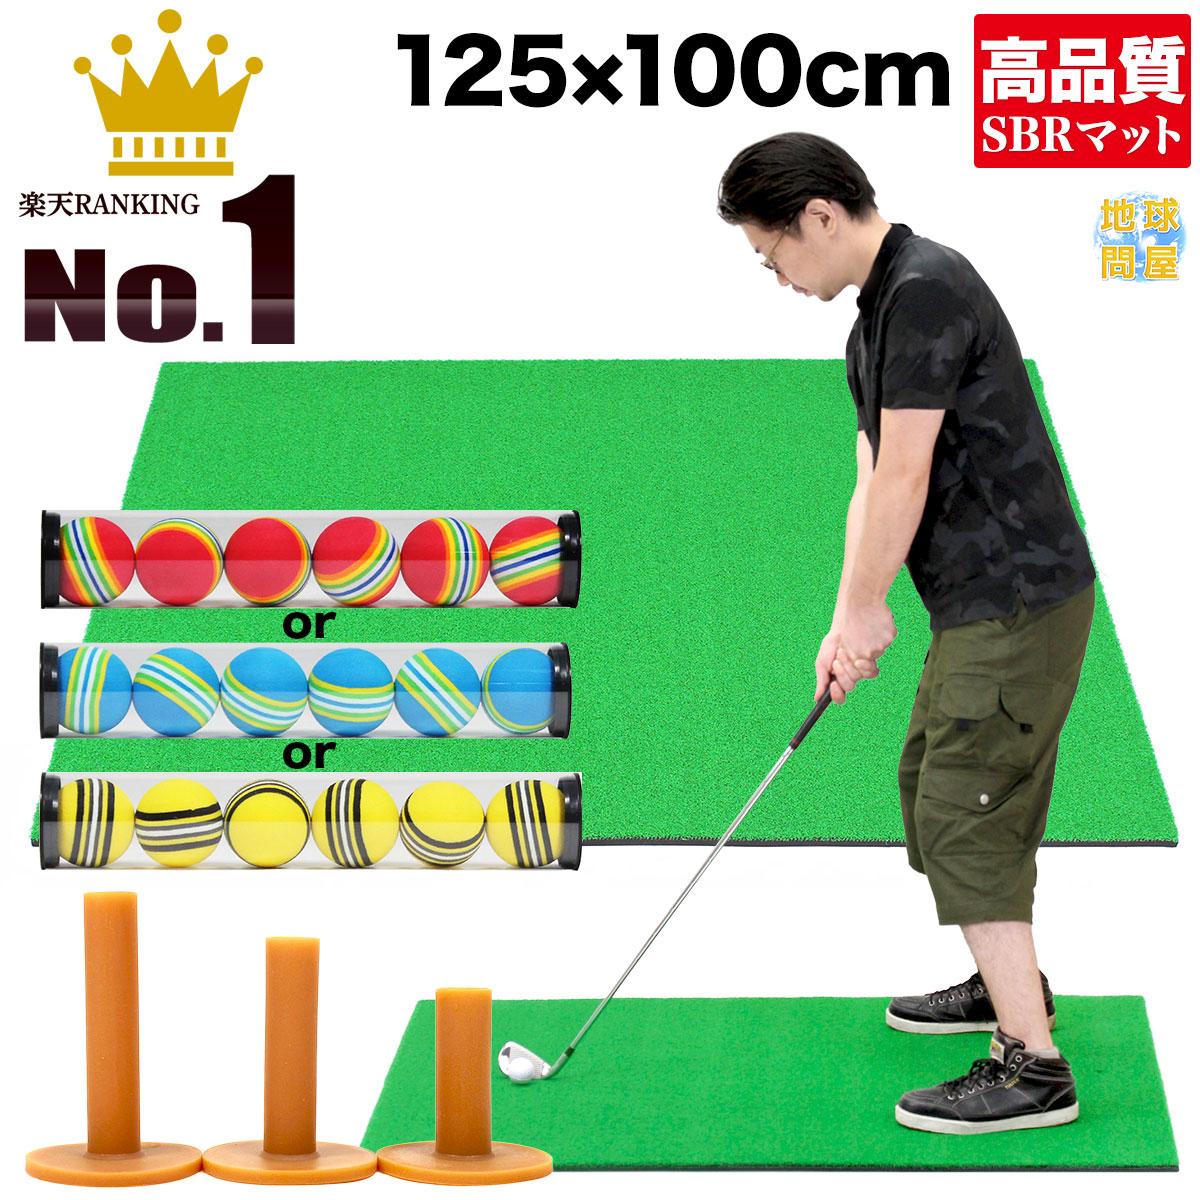 大型ゴルフ練習用ショットマット リアルな人工芝の下にSBRクッション層があるので 本物の質感に近い感覚を再現 よりラウンドに近い練習が楽しめます ゴルフ 練習 マット 大型 人工芝 信用 SBR スイング 100×125cm 未使用 Eセット